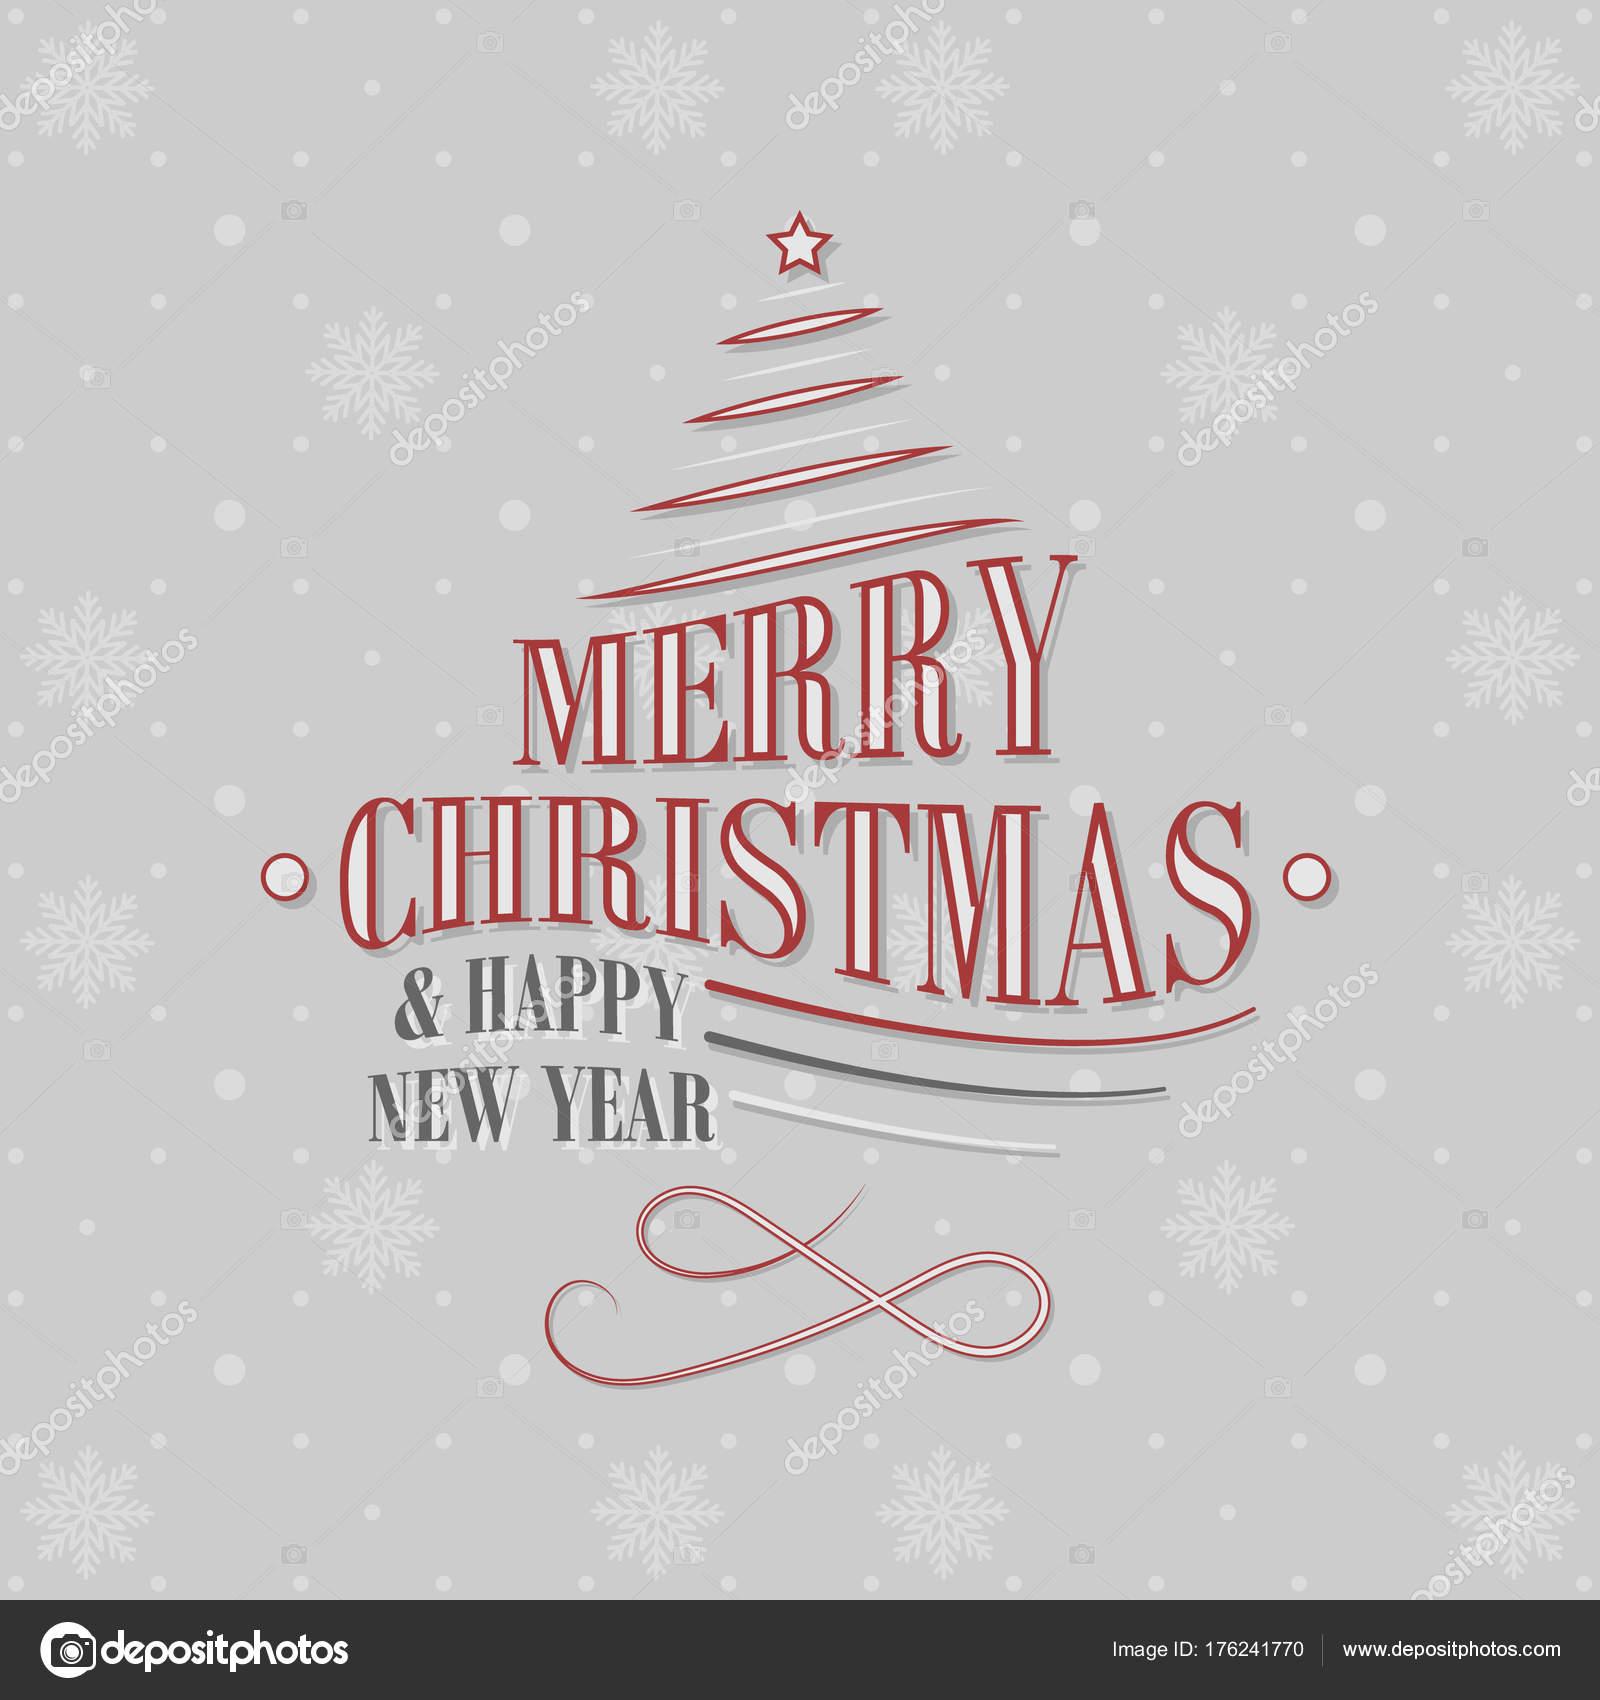 Carta De Felicitaciones De Navidad Y Ano Nuevo.Foto Felicitacion De Navidad Tarjeta De Felicitacion De